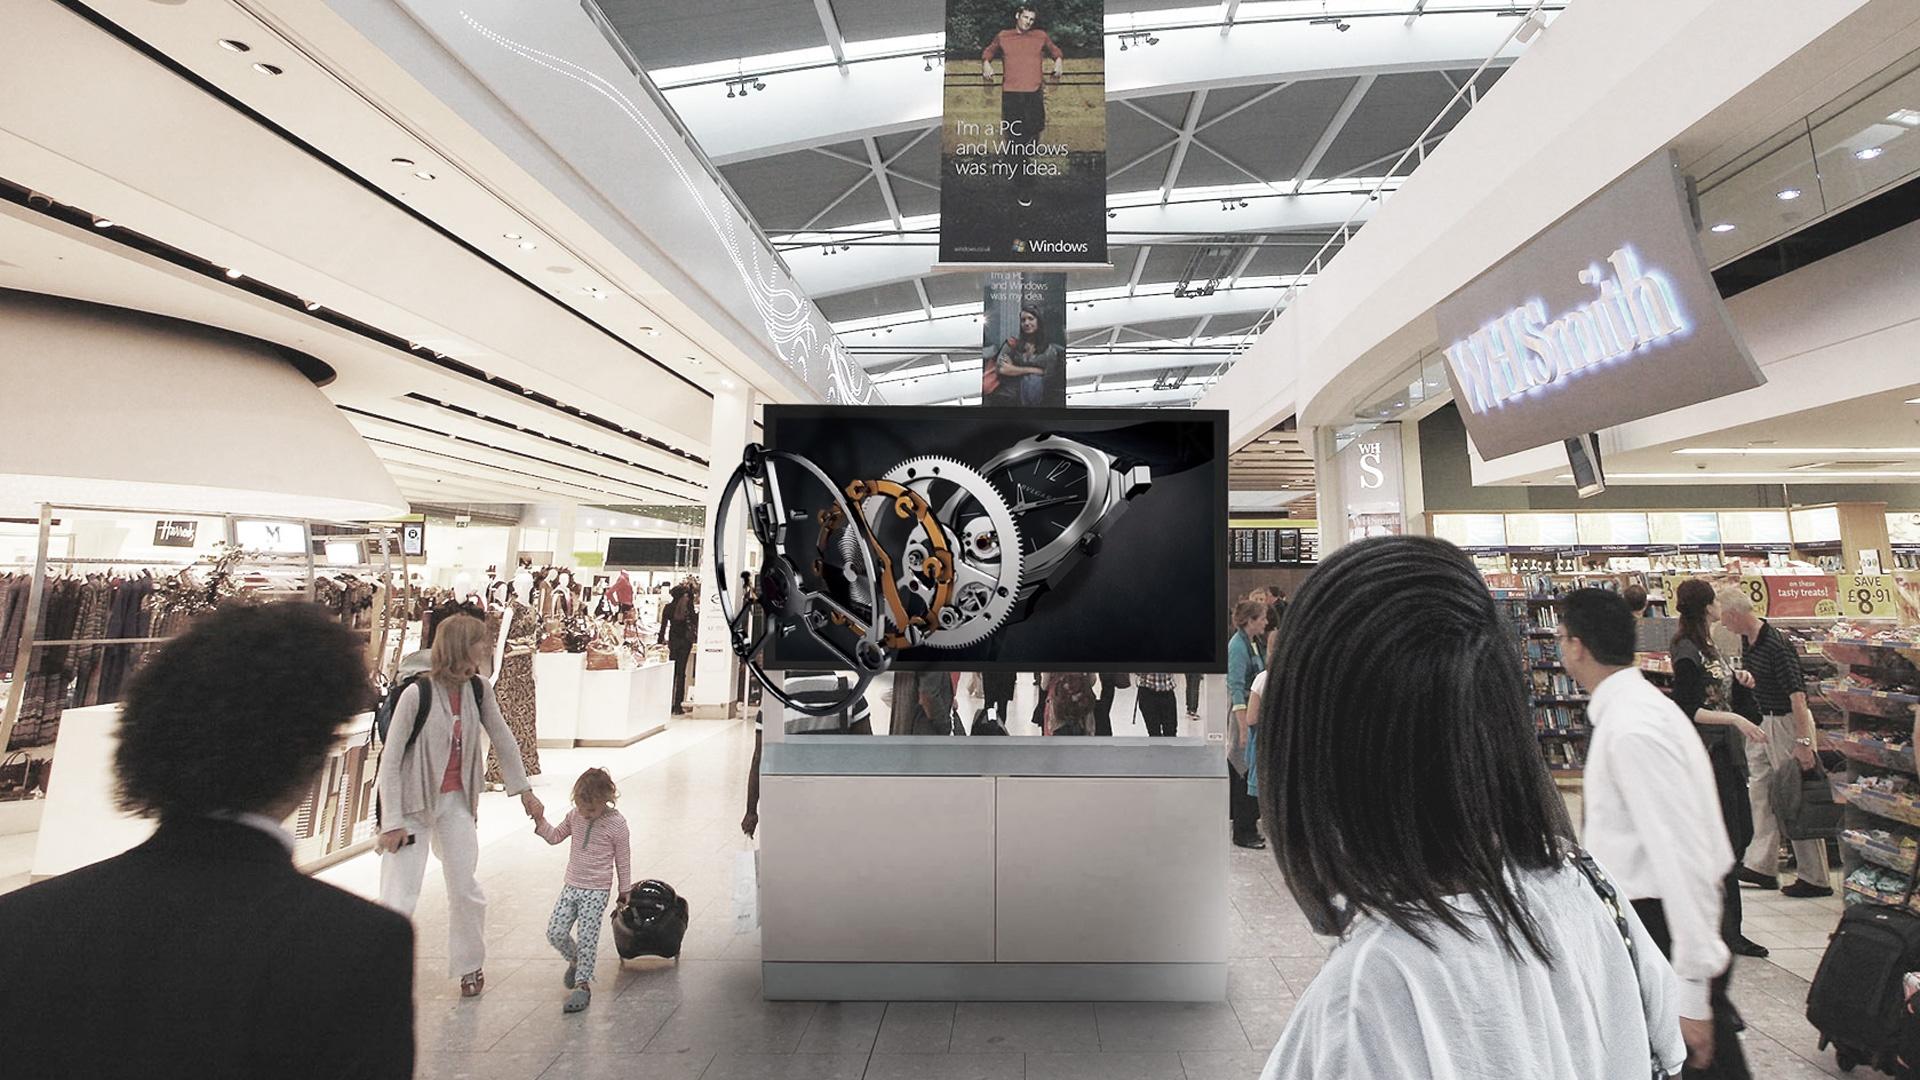 Mall_Mockup_Watch_1920x1080